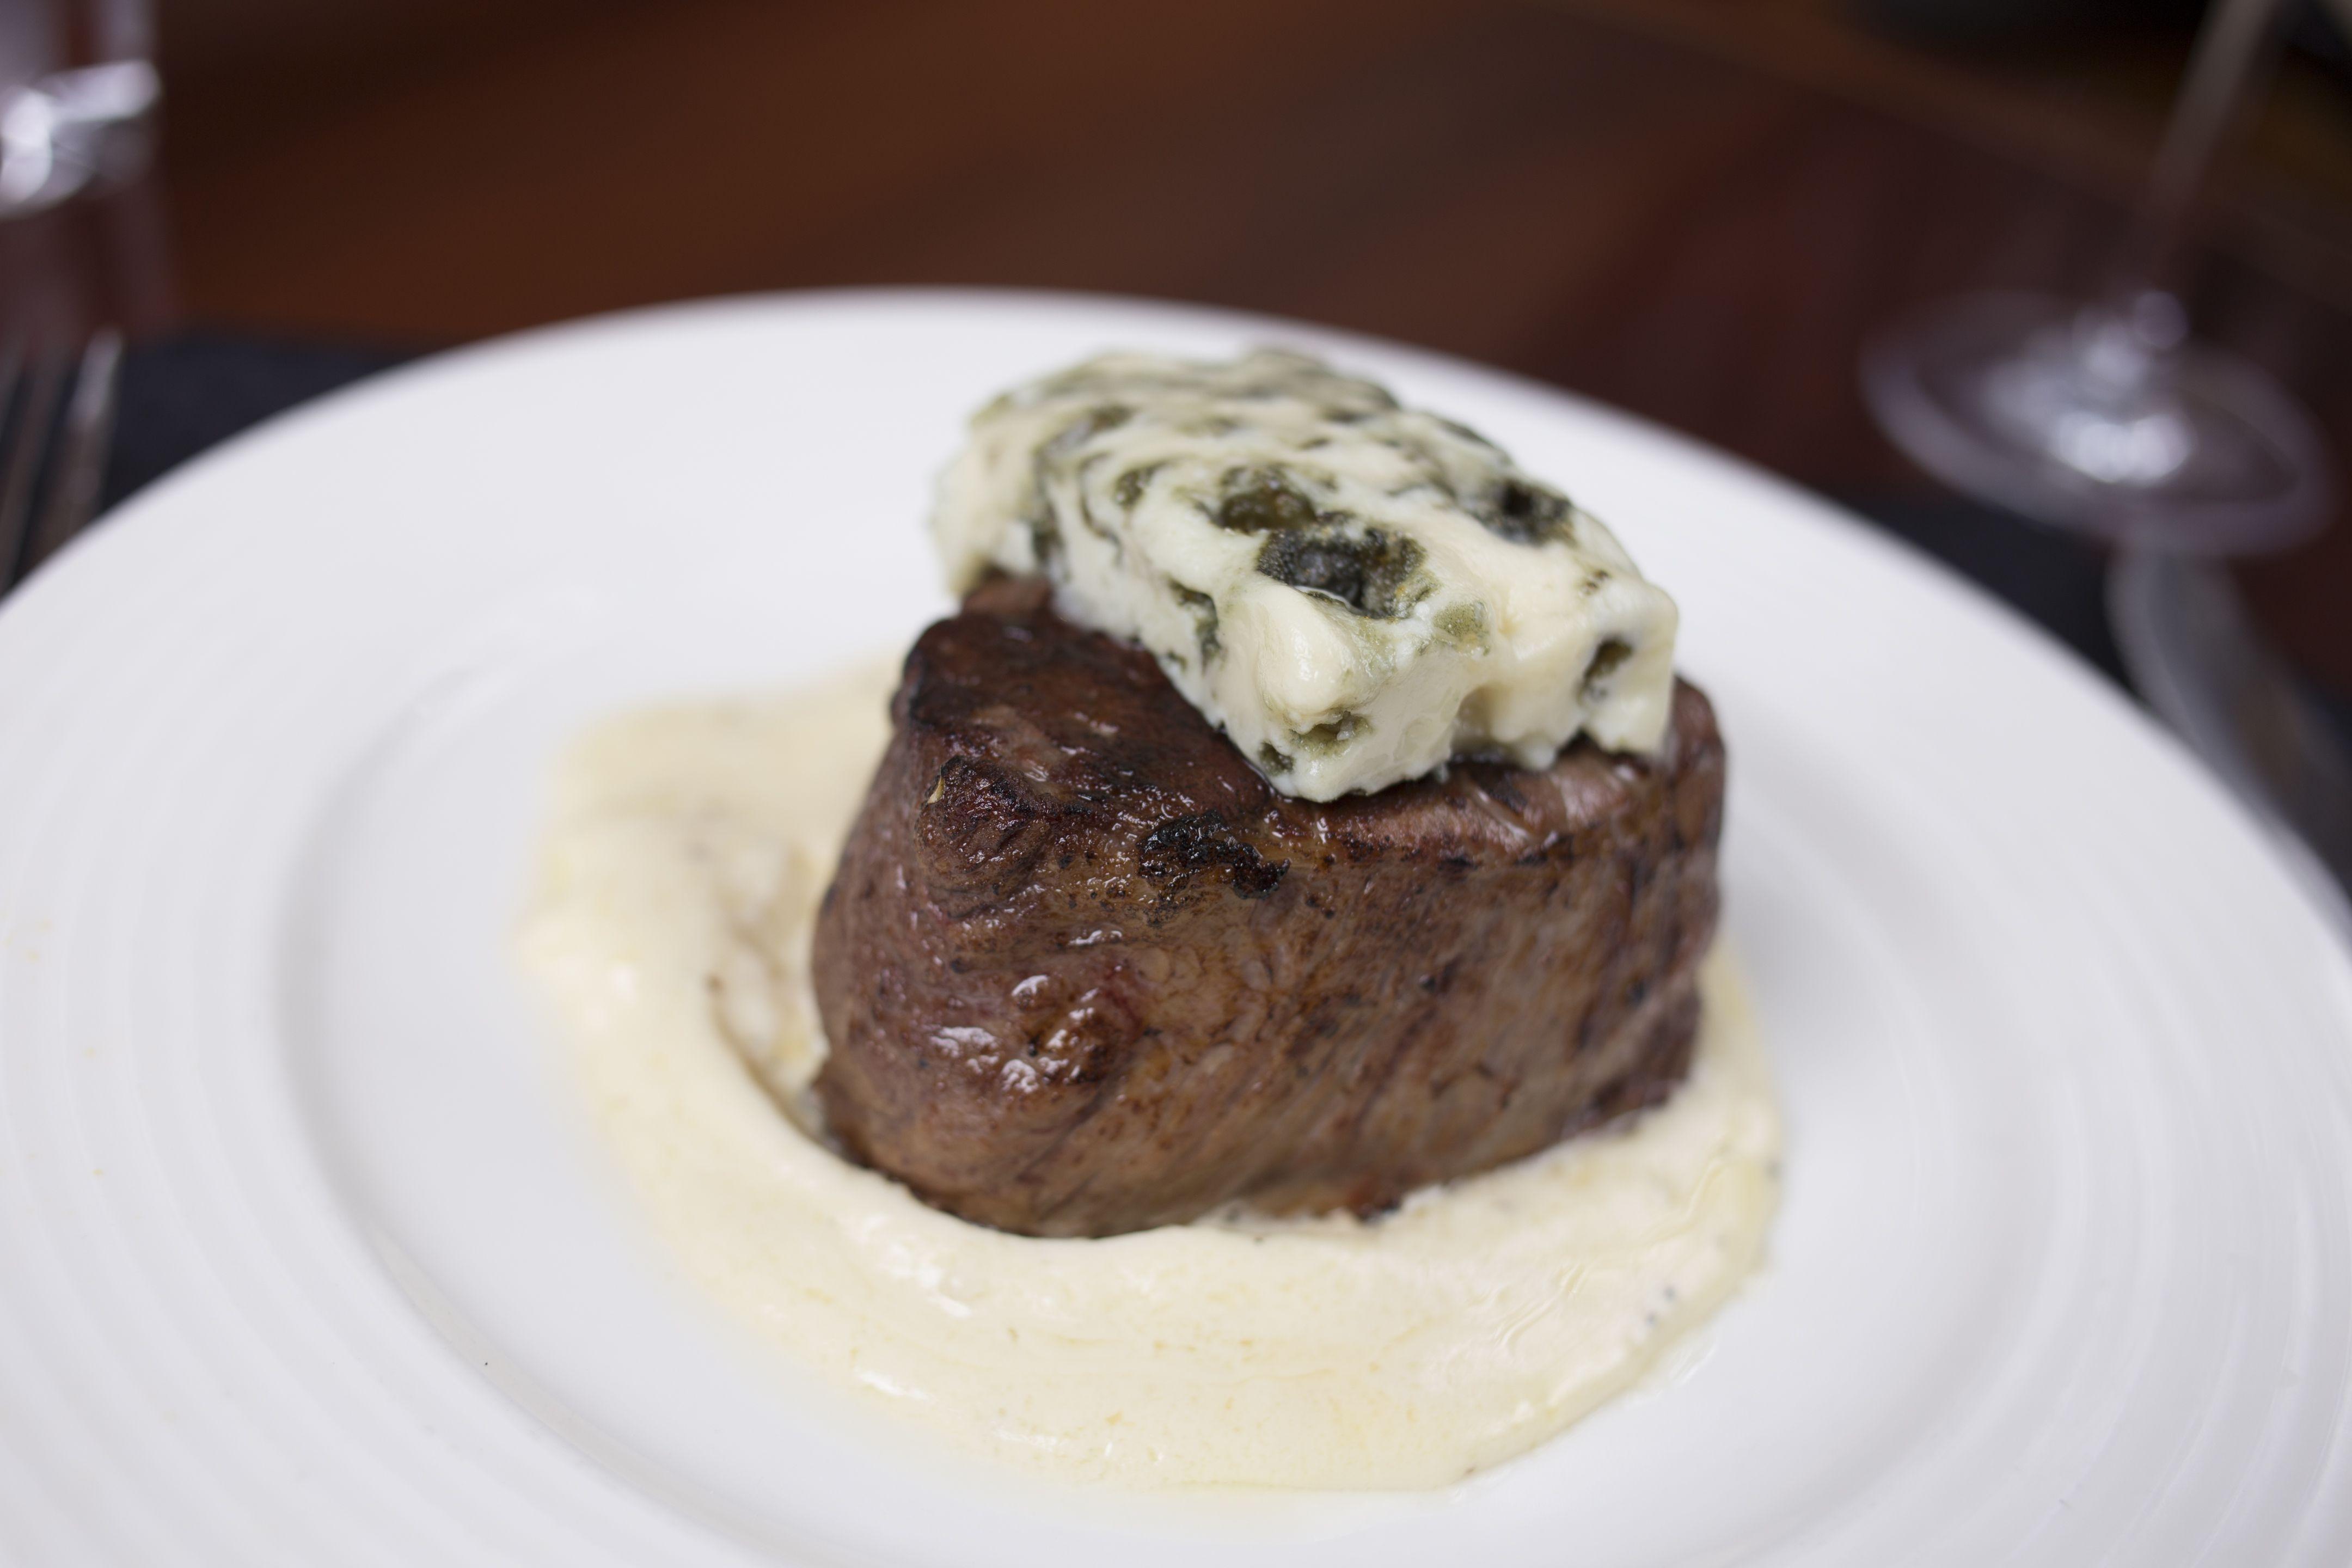 Kirby S Roquefort Blue Ribbon Filet Dinnerplans Dinnerideas Mealprep Steaks Cookout Eat Food Foodies Food Foodie Eat